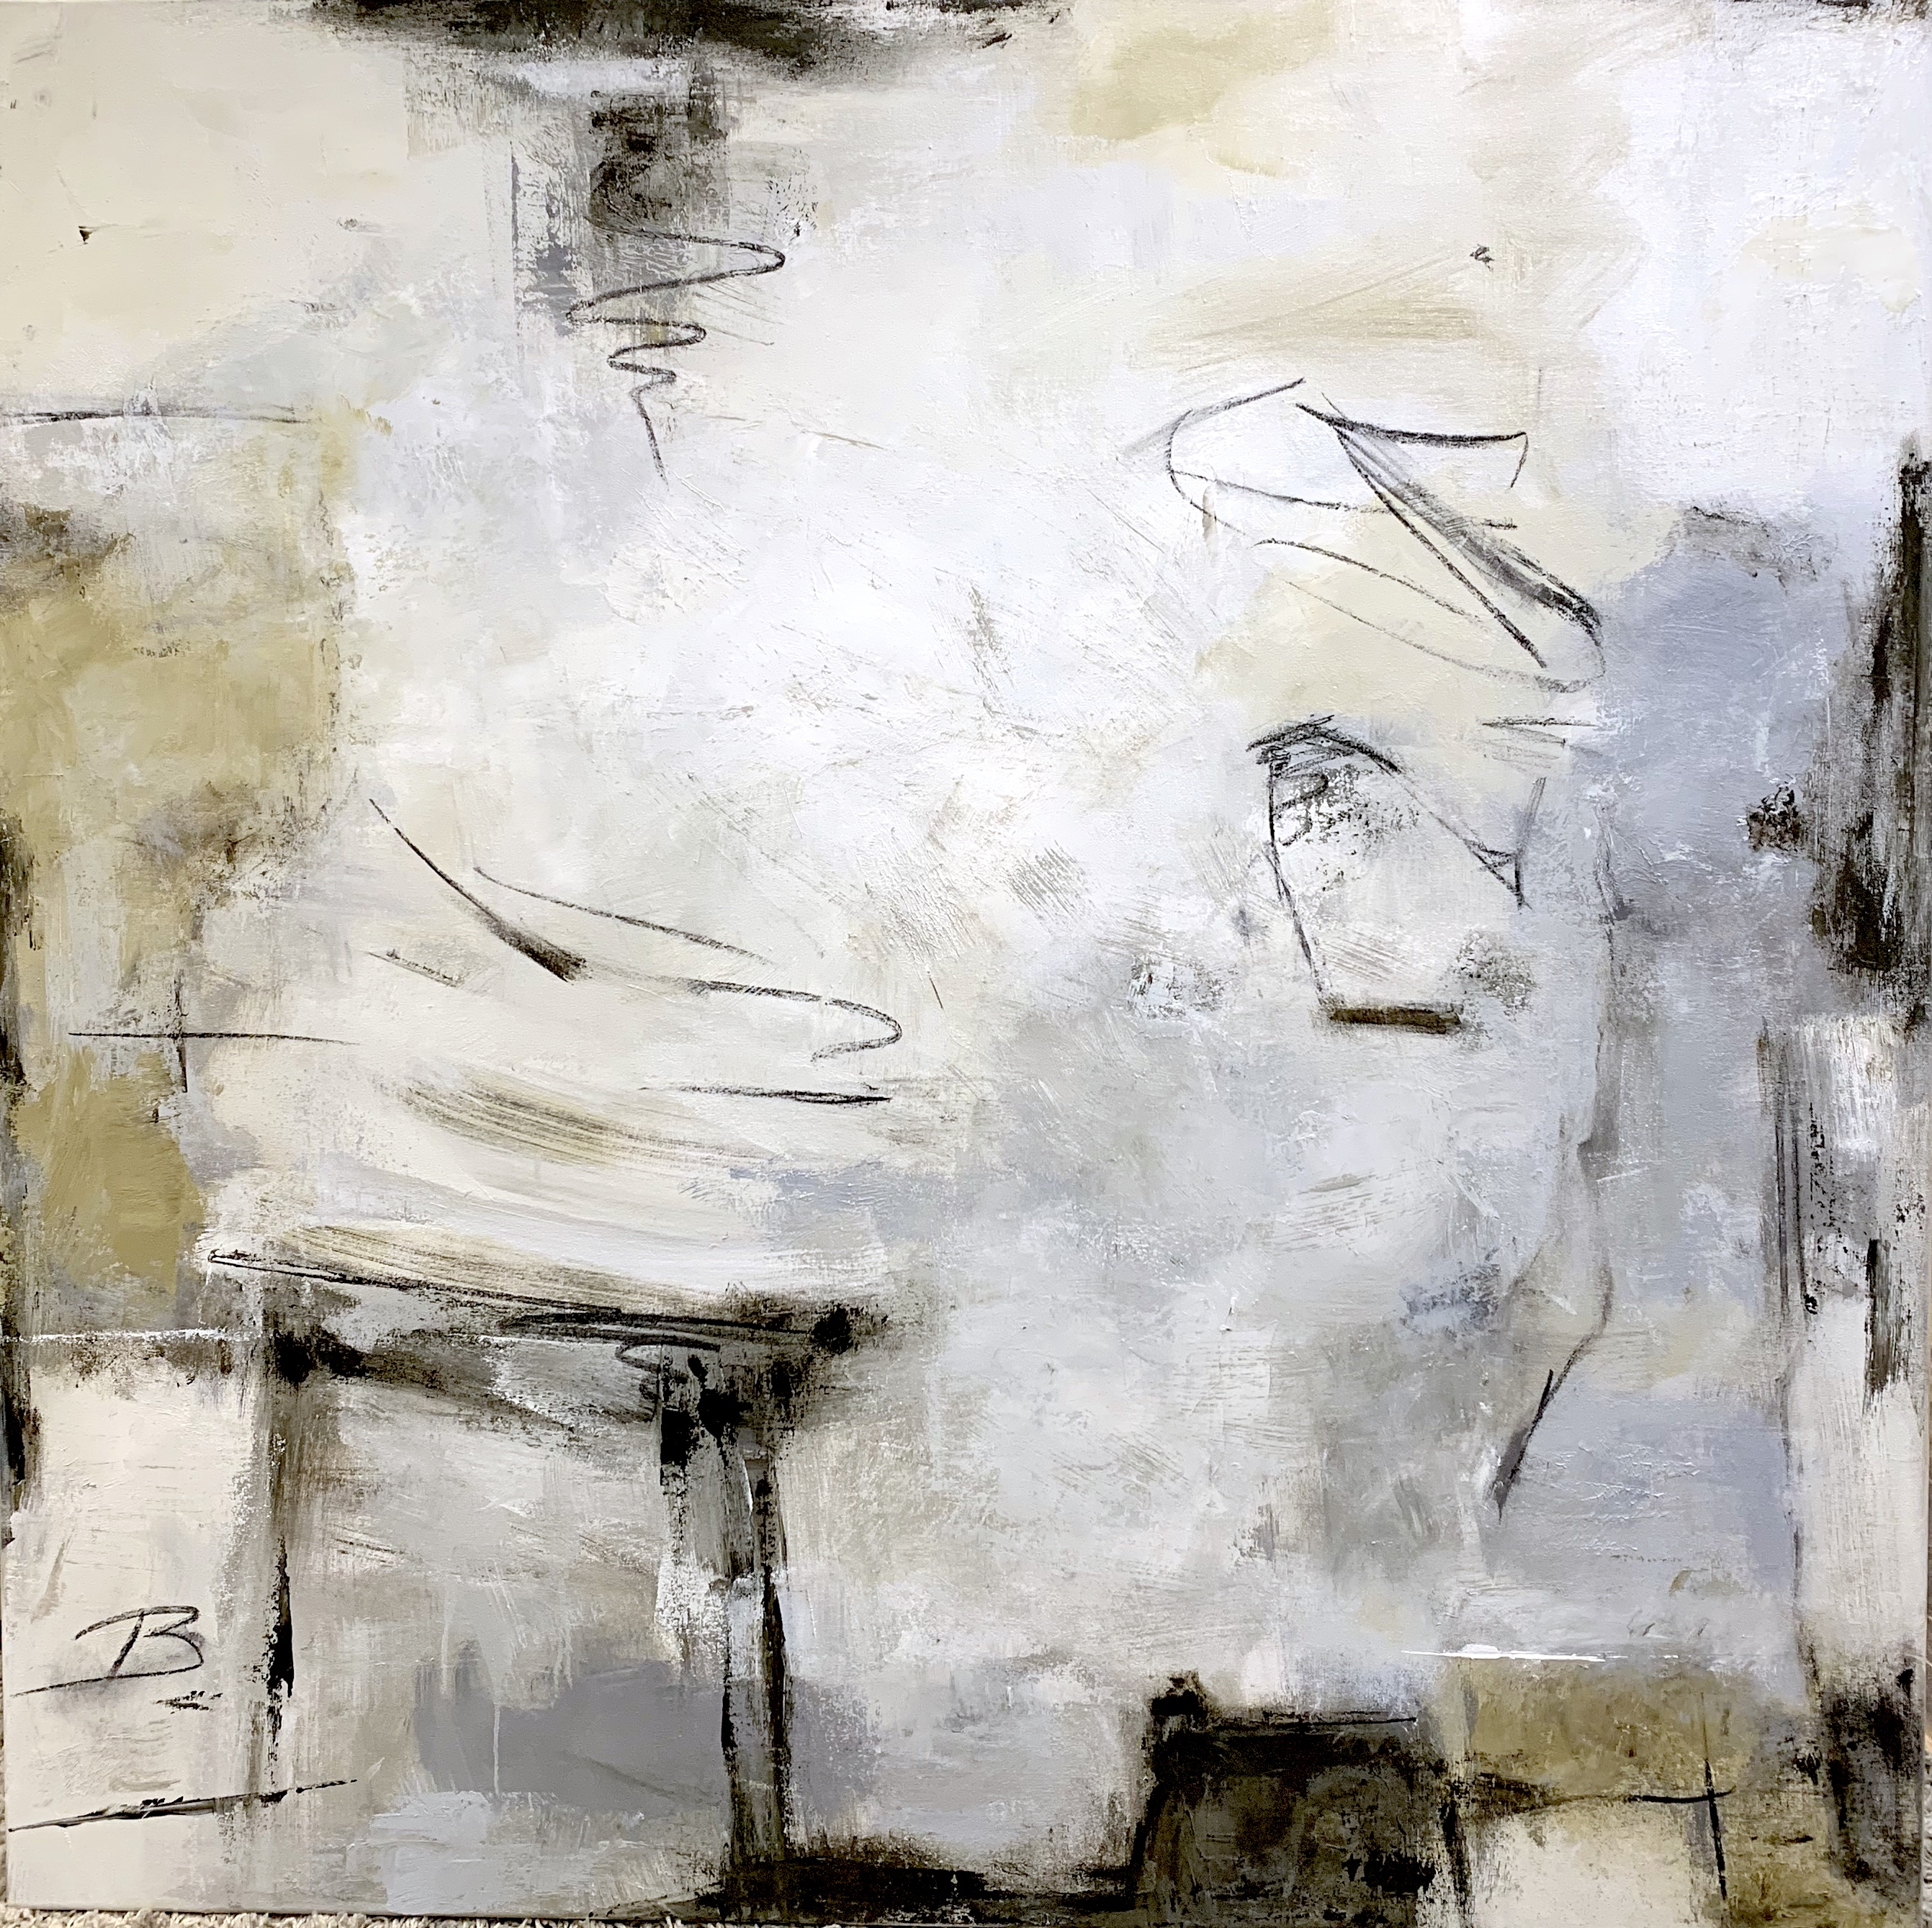 Spontaneity by Barbara Kreitman